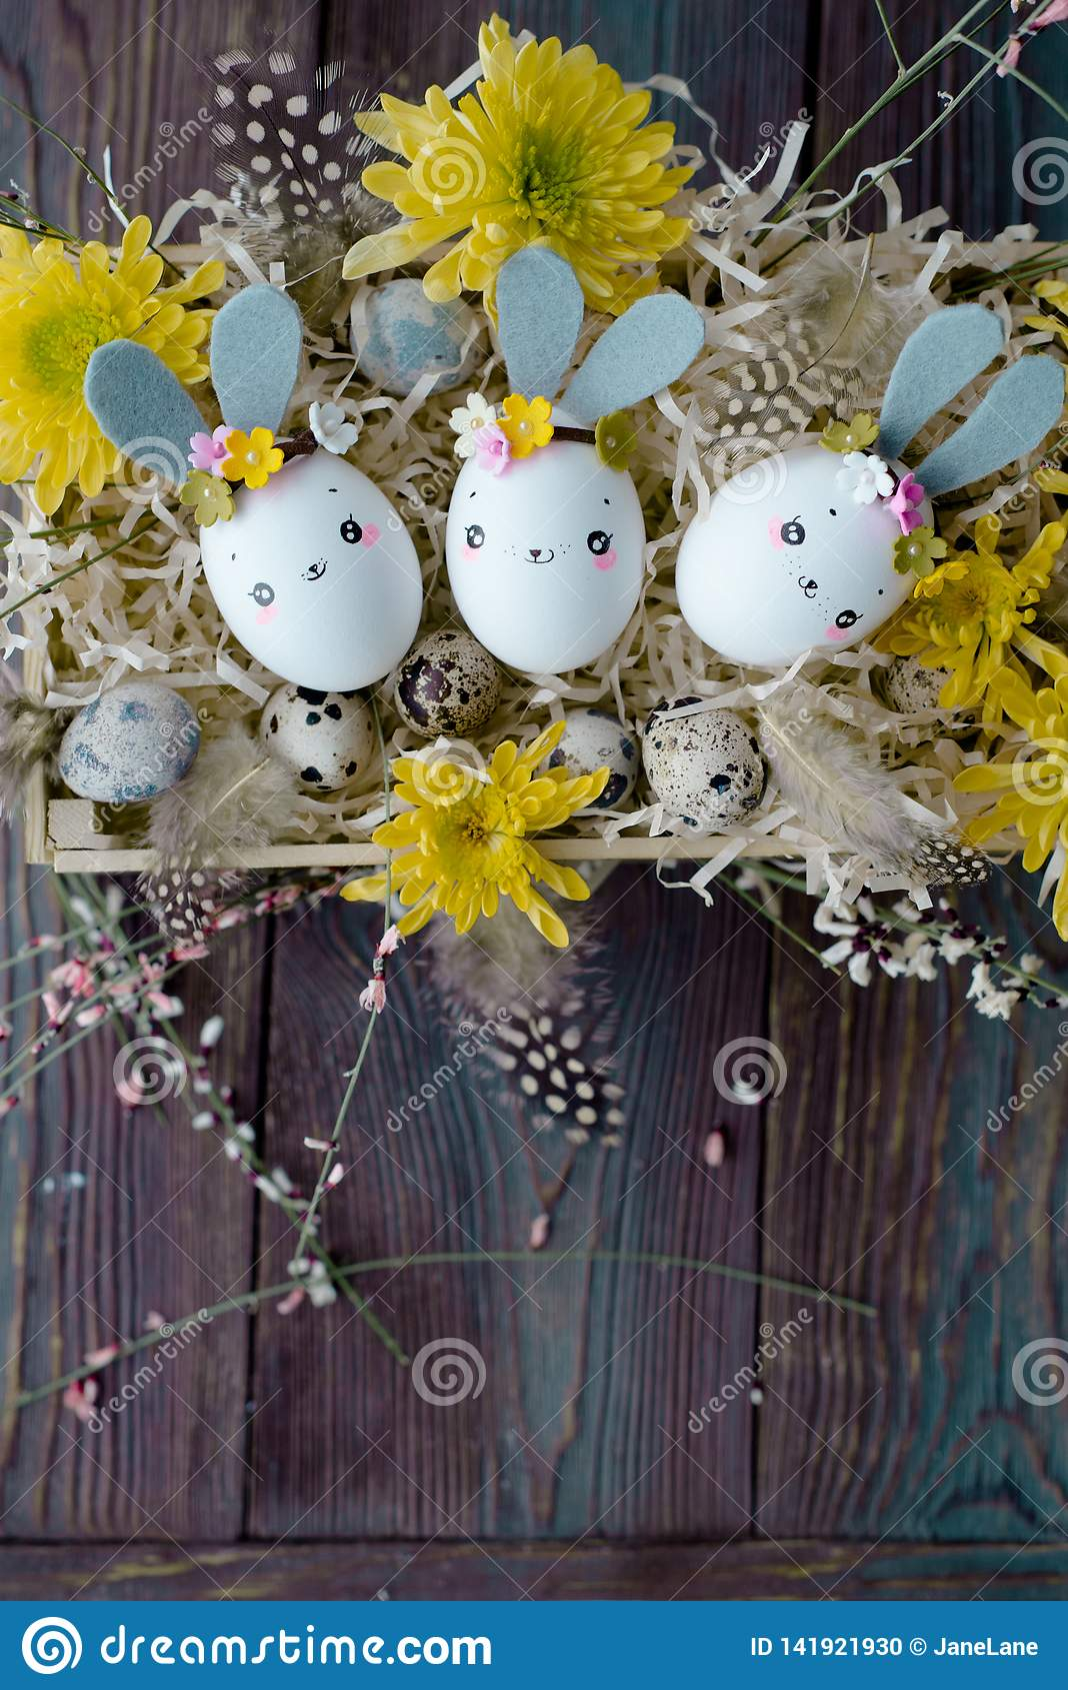 Fundo da Páscoa, coelhos caseiros da casca de ovo e crisântemo amarelo na caixa de madeira